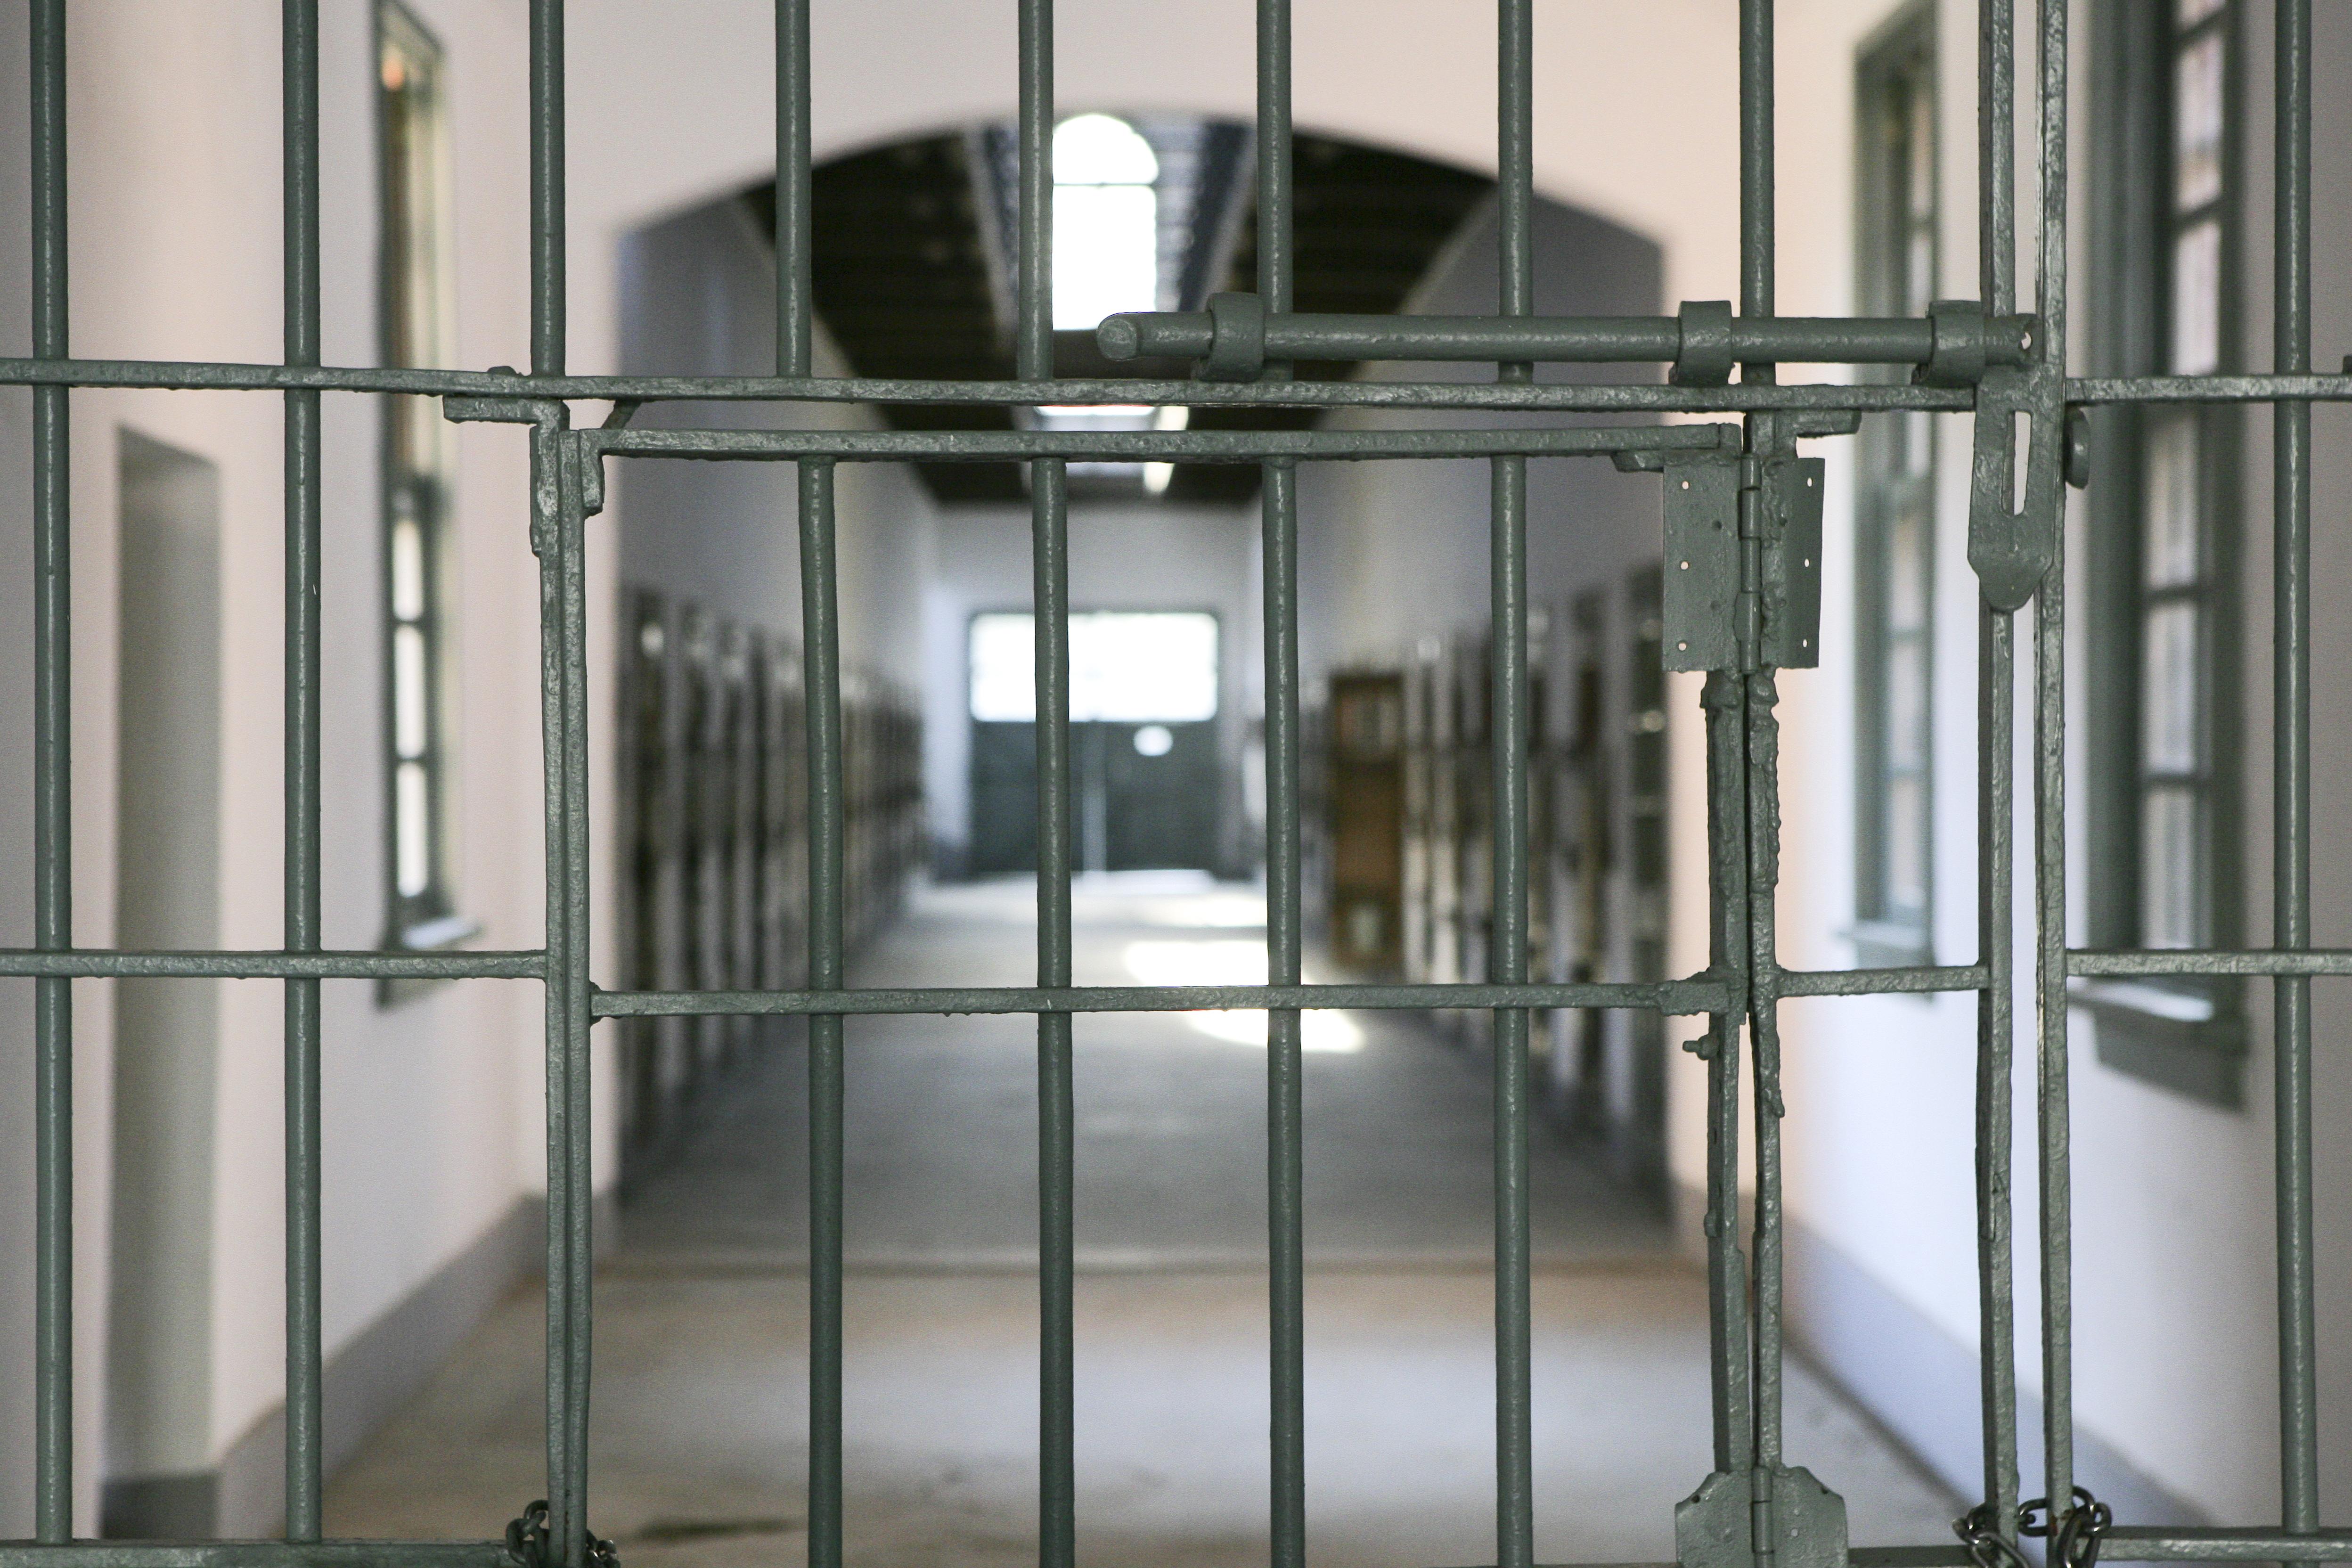 Premieră în închisoarea din Monaco. Un deținut român s-a sinucis în celulă